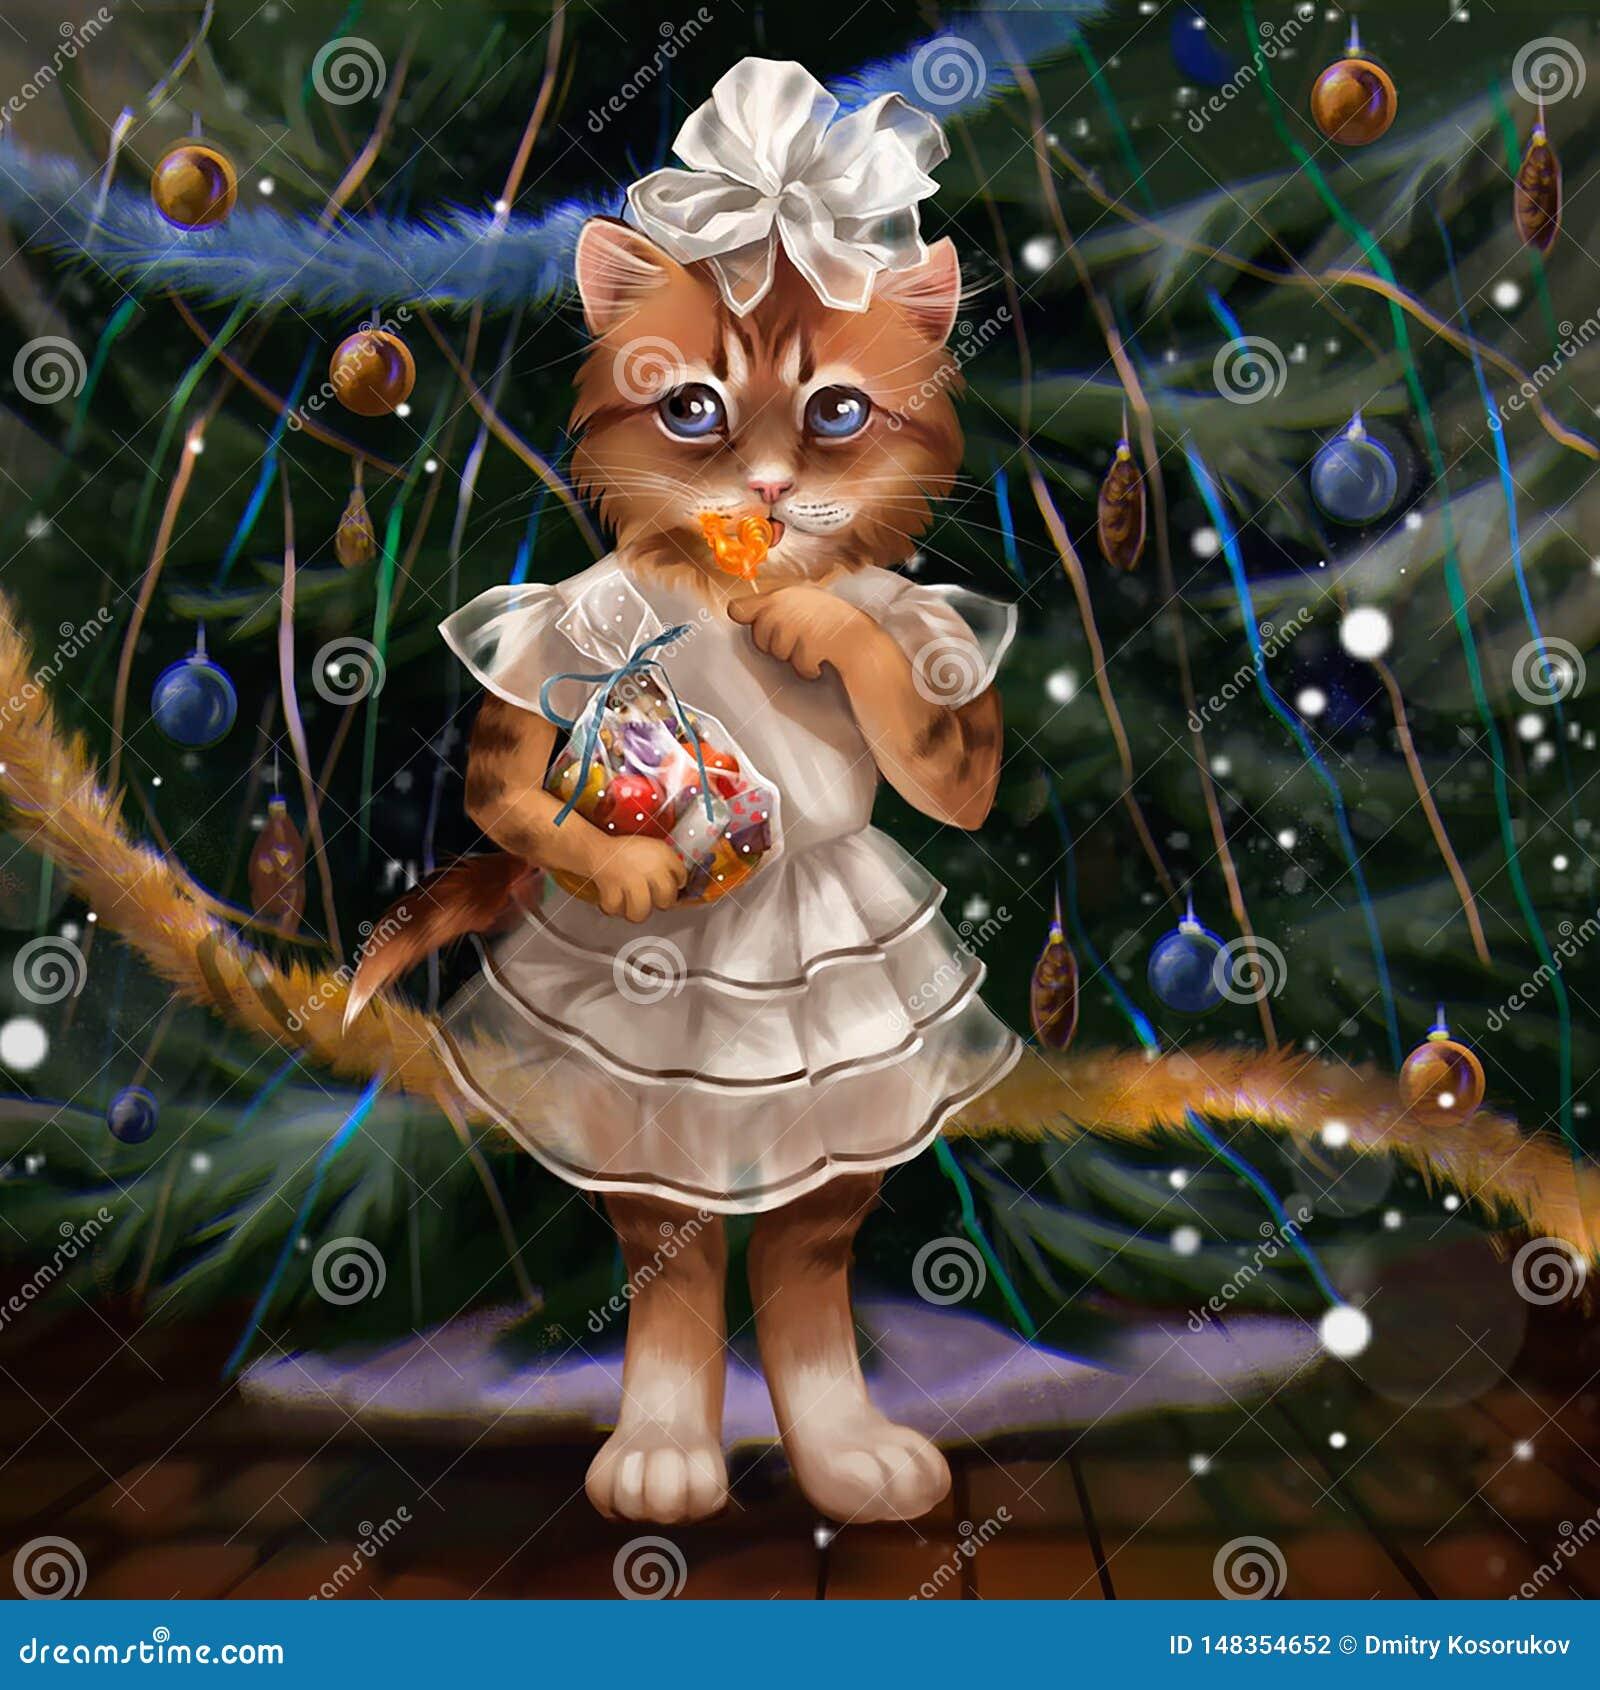 Иллюстрация кота на рождественской елке